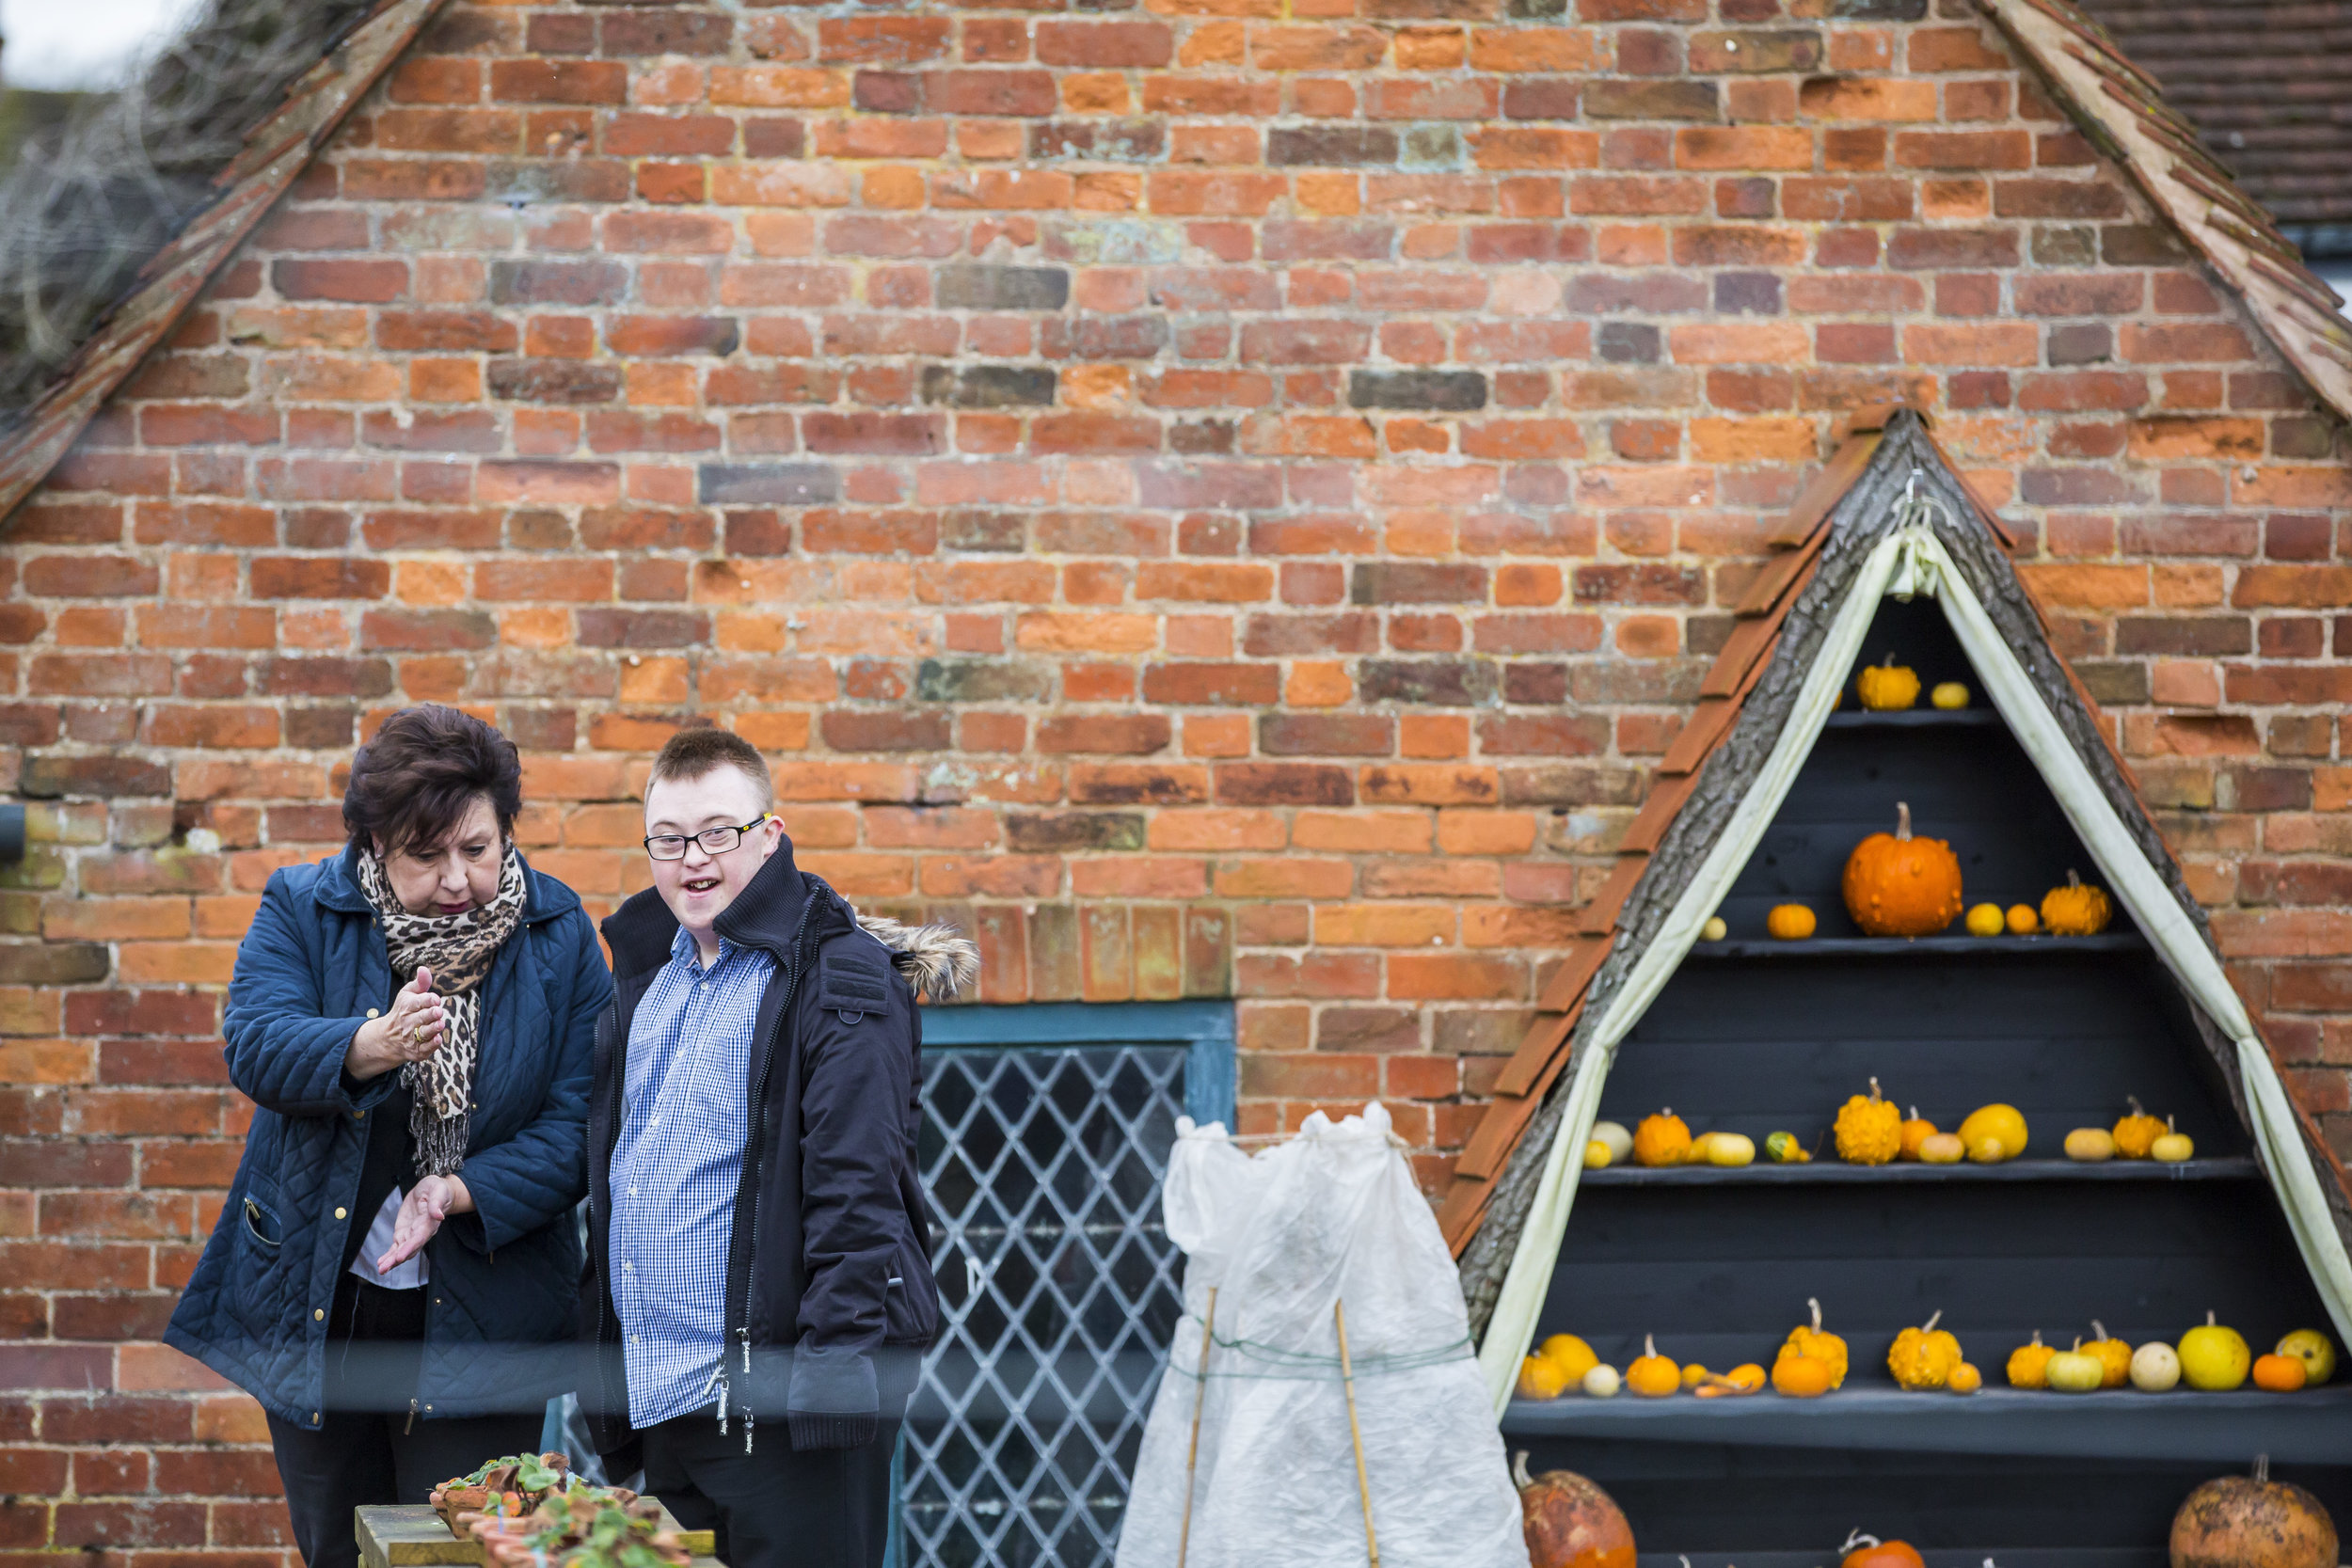 1231155 Autumn fest National Trust Images Chris Lacey.jpg